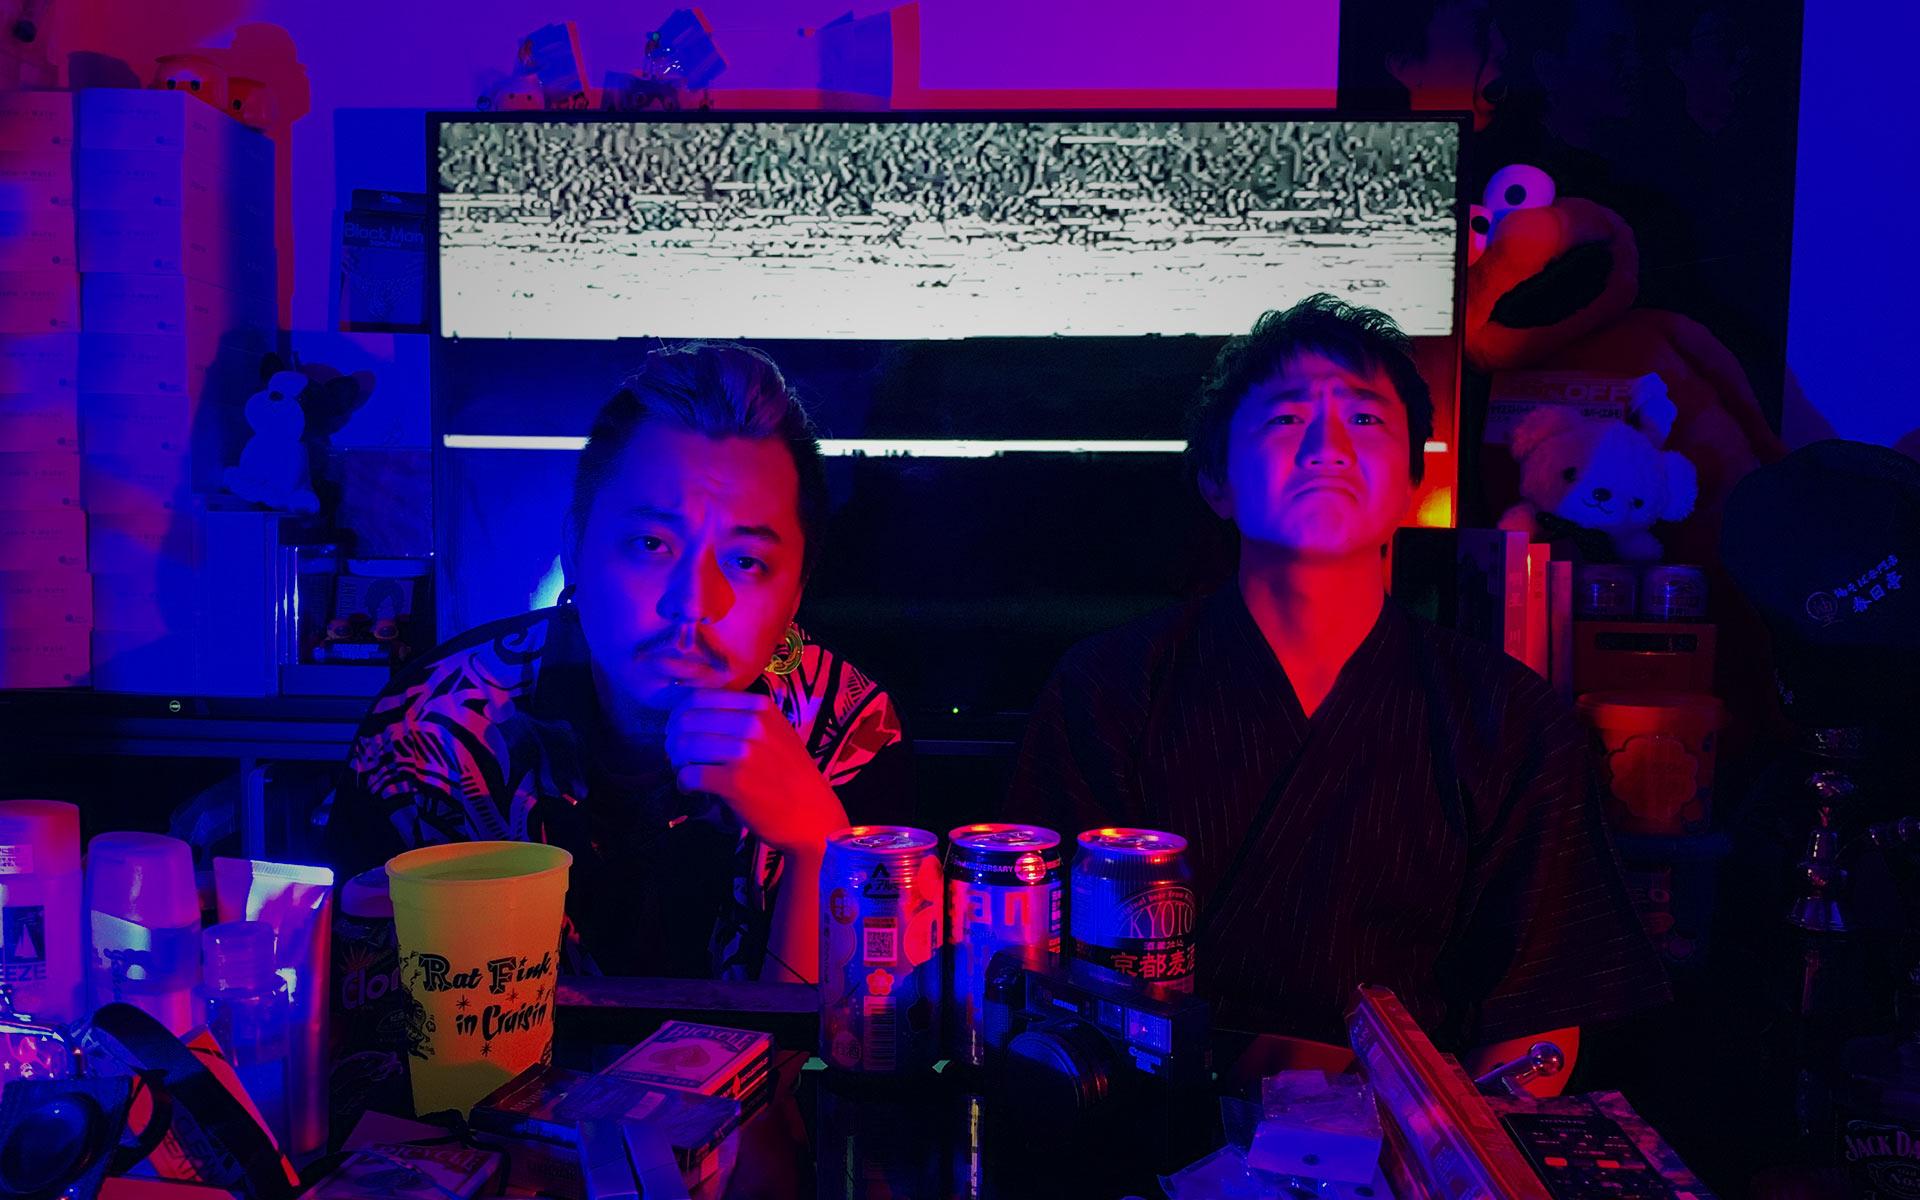 「家賃の安い部屋」夏締めの納涼…落合ゲストの心霊写真5連発スペシャル8月31日23時に配信決定!